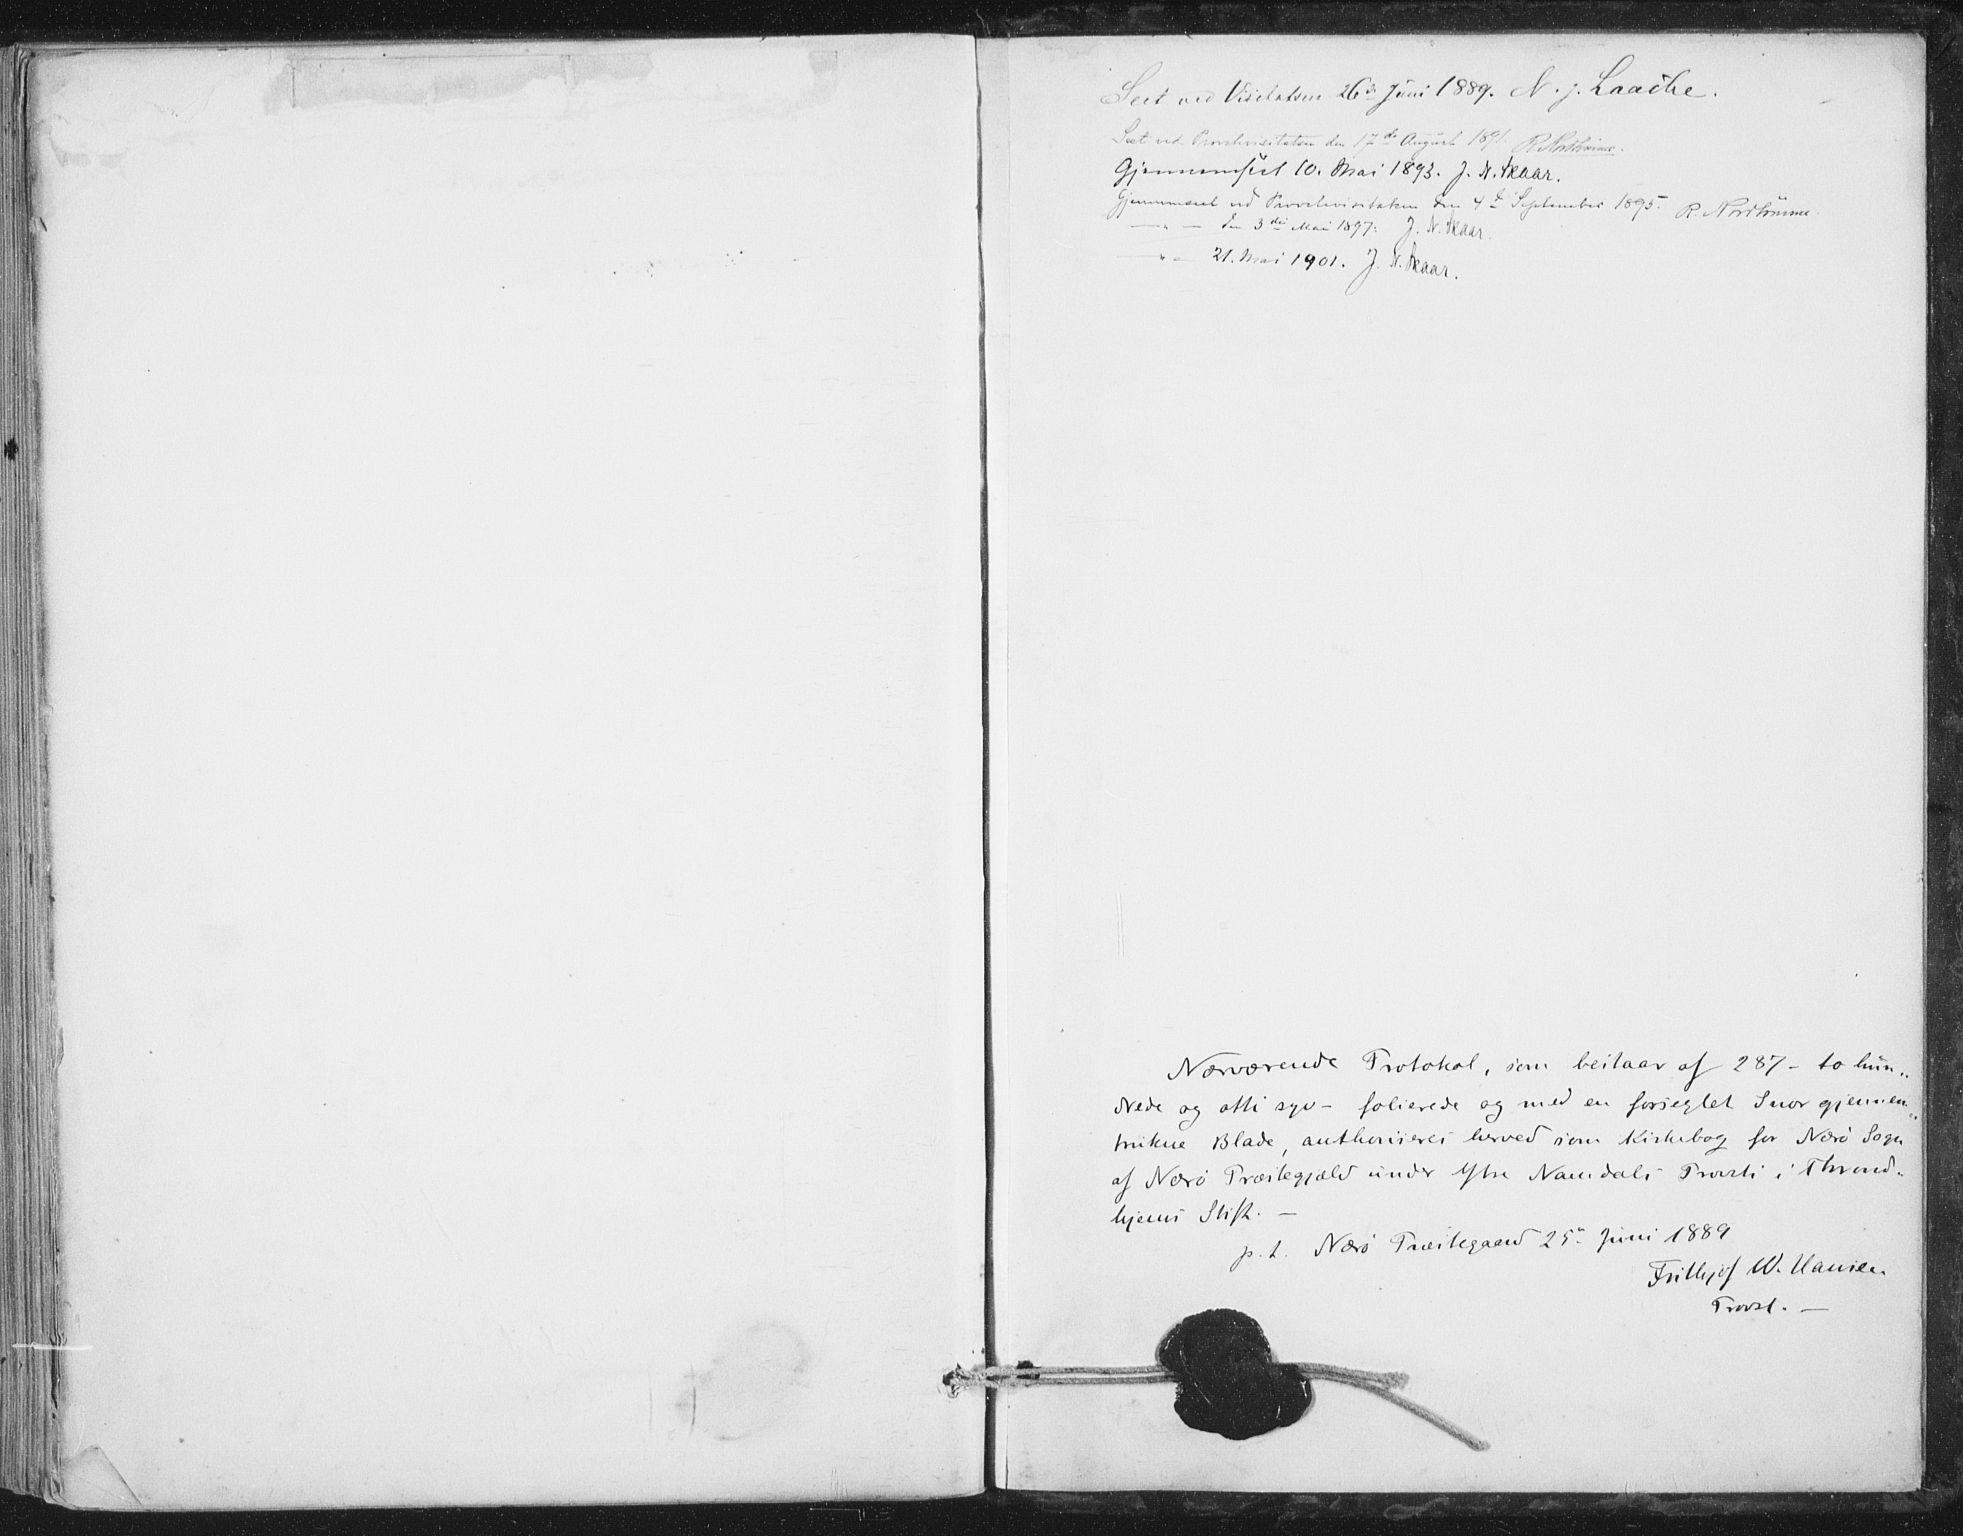 SAT, Ministerialprotokoller, klokkerbøker og fødselsregistre - Nord-Trøndelag, 784/L0673: Ministerialbok nr. 784A08, 1888-1899